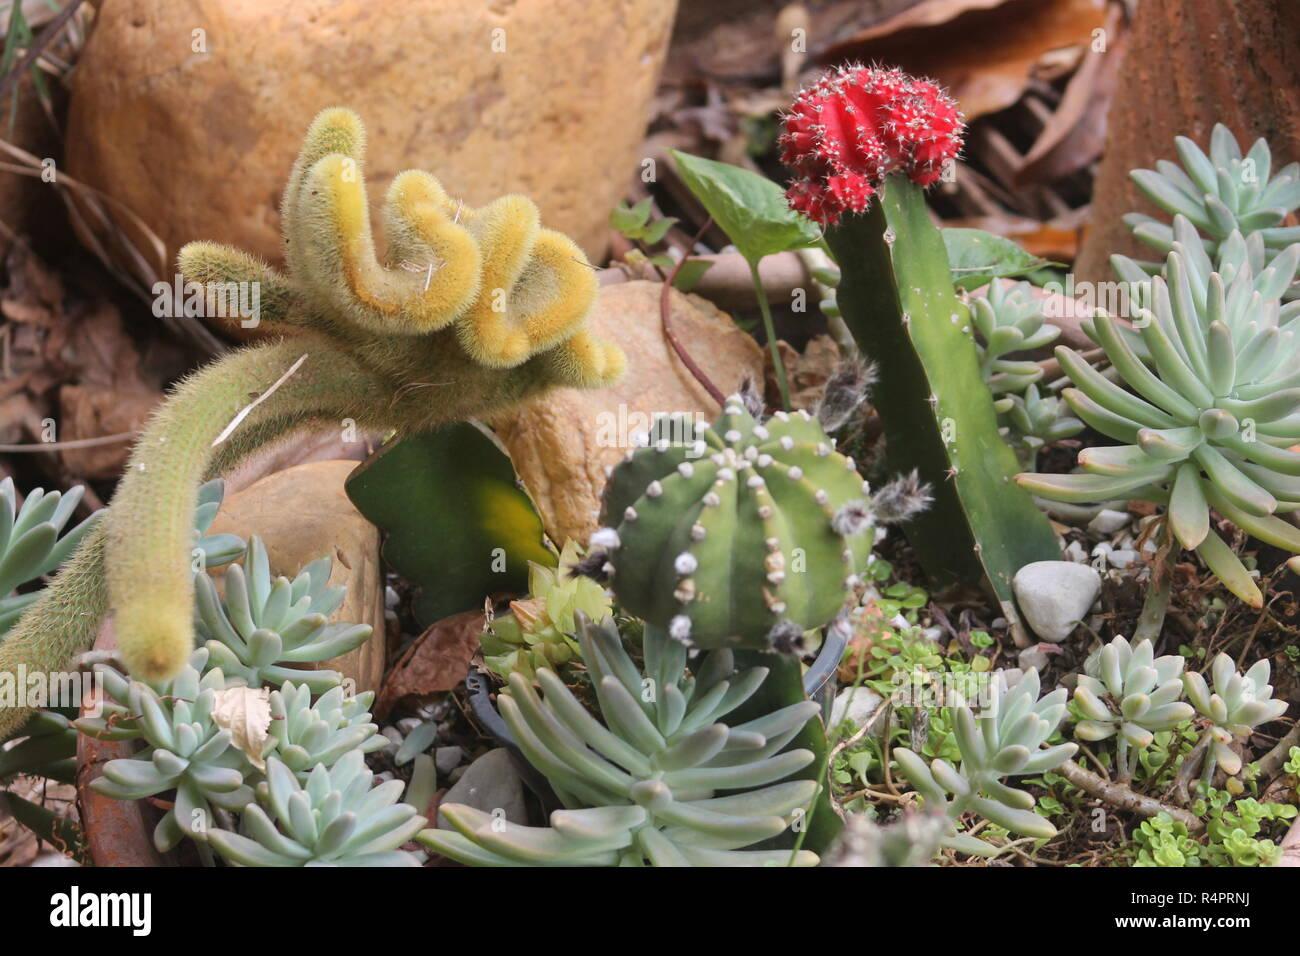 Colorido jardín de cactus con predominio de rojo, amarillo y verde Imagen De Stock